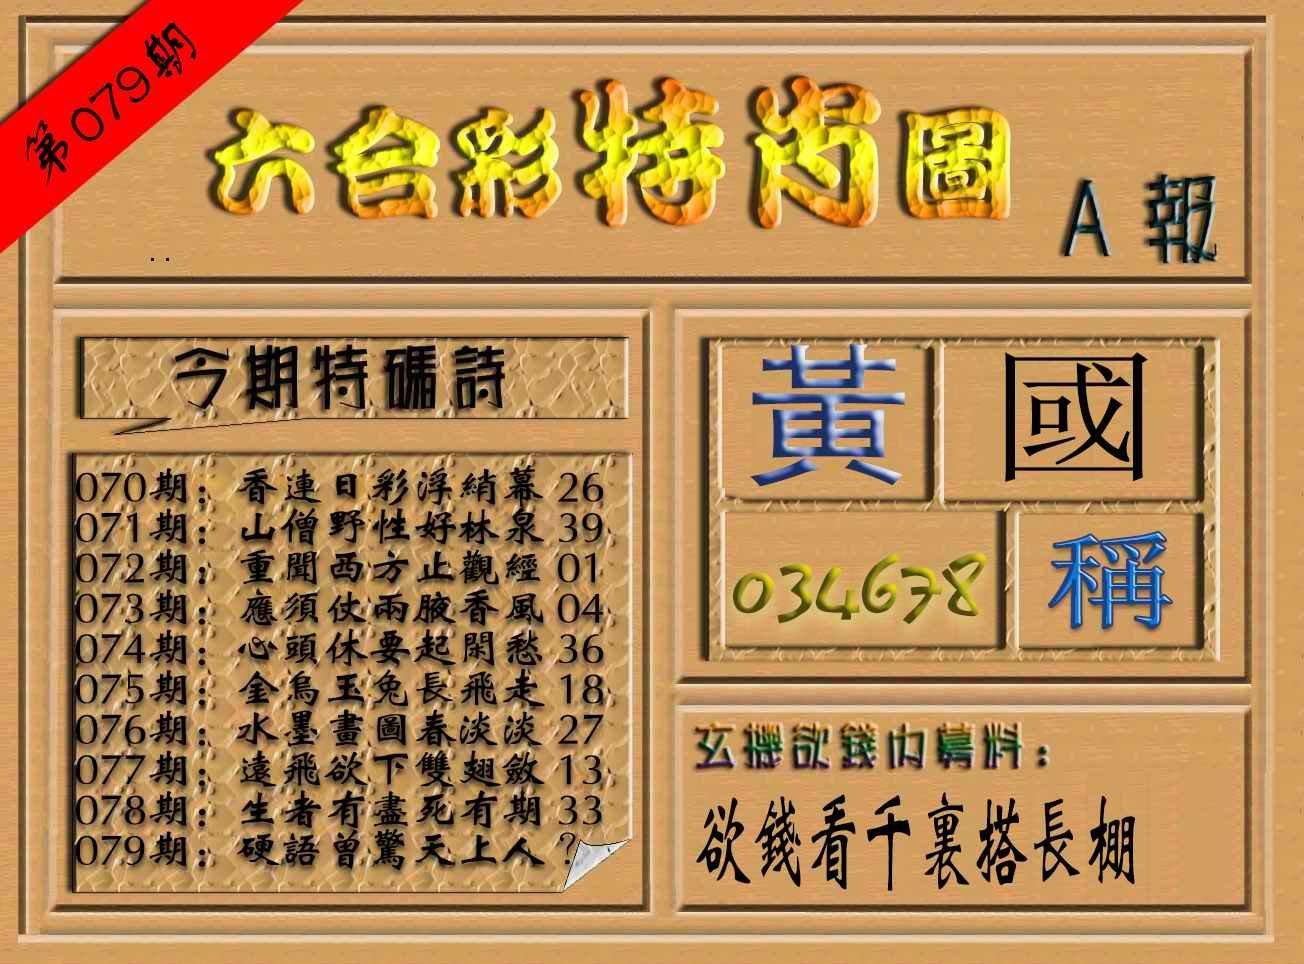 079期六合彩特肖图(A报)